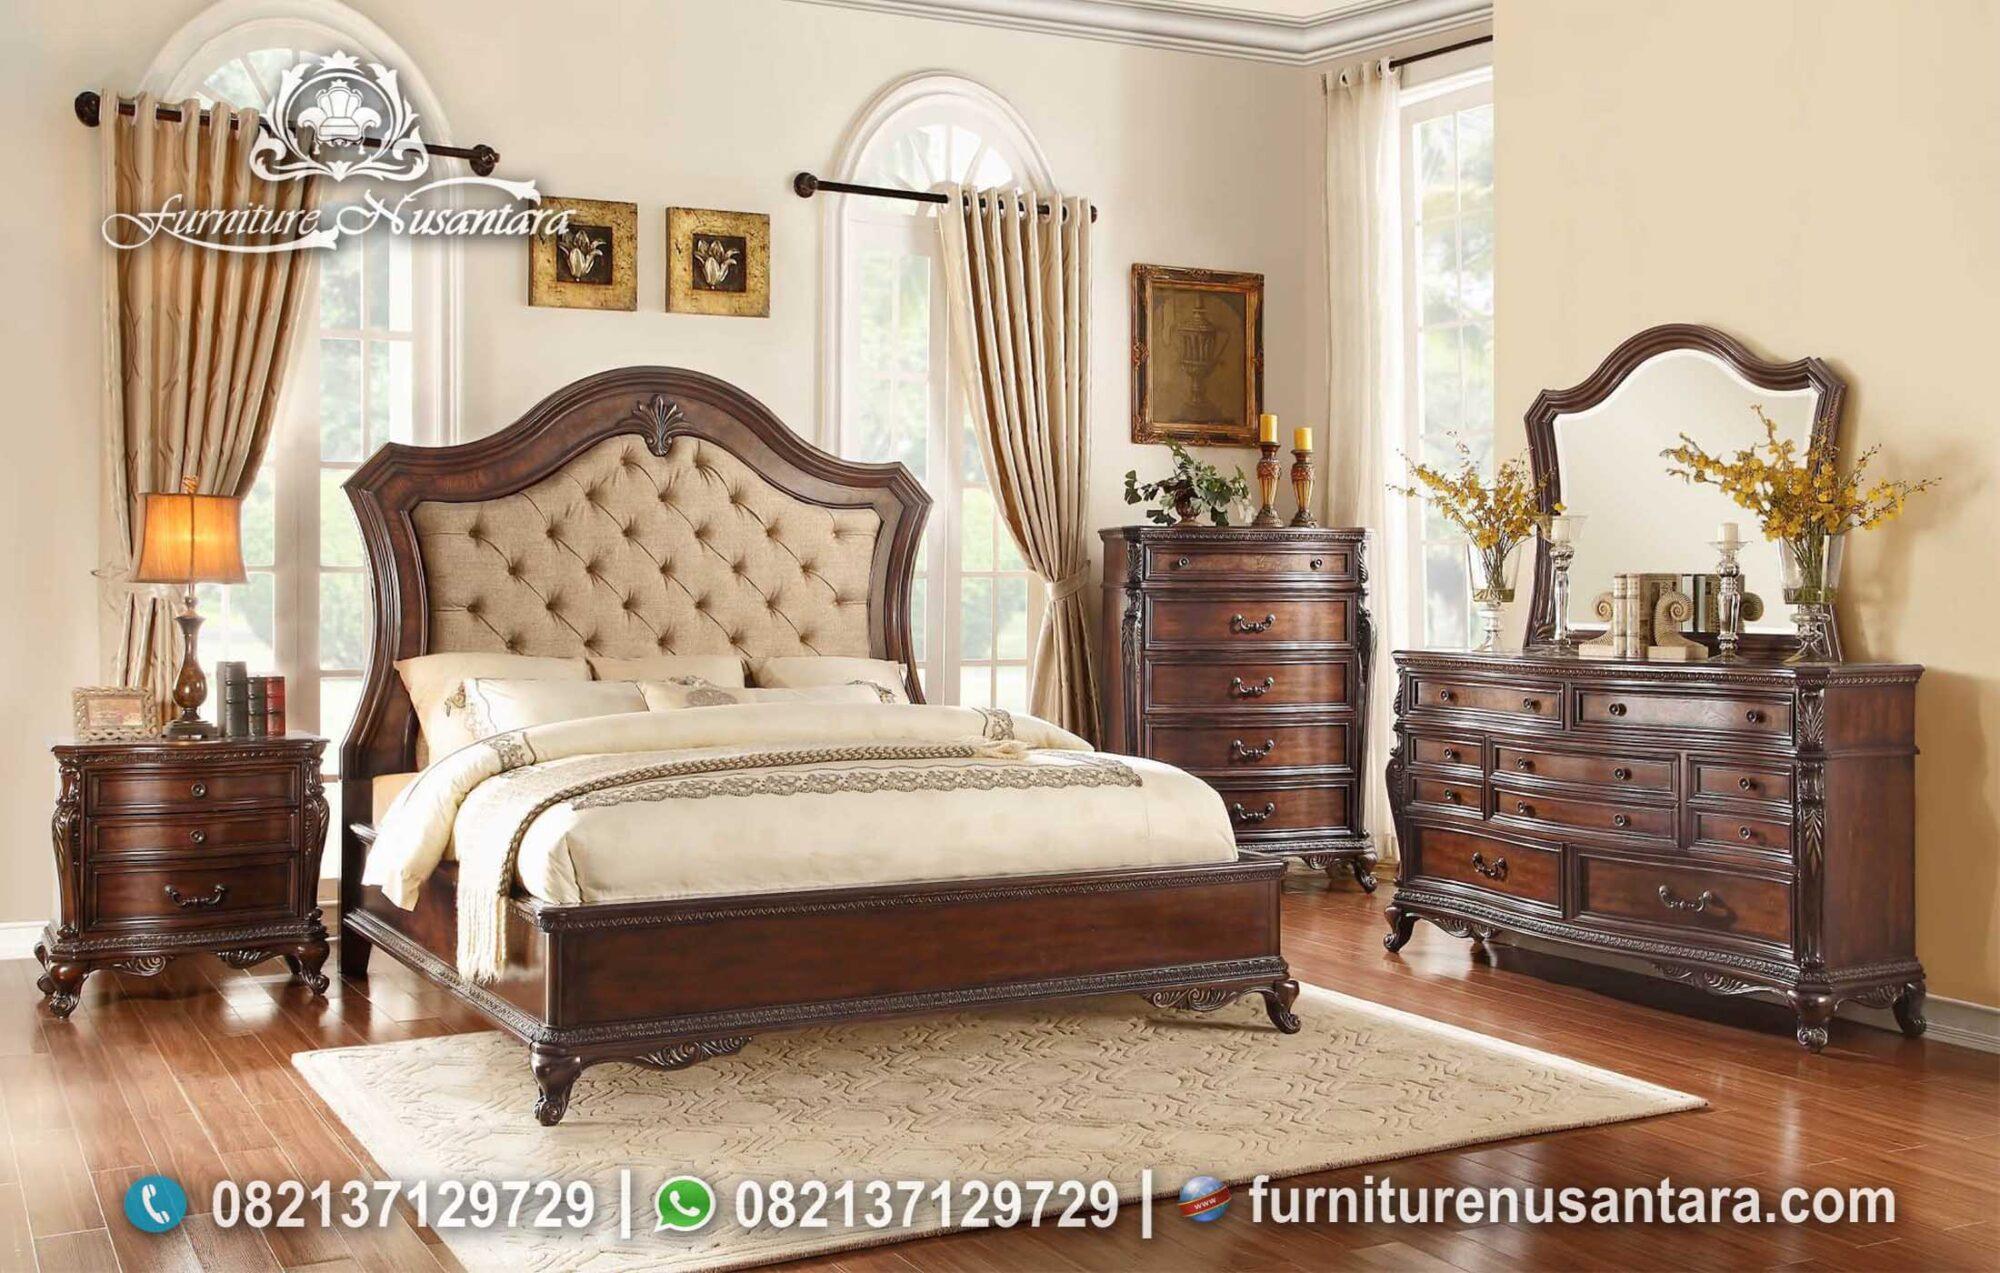 Set Kamar Minimalis Kayu Jati KS-241, Furniture Nusantara